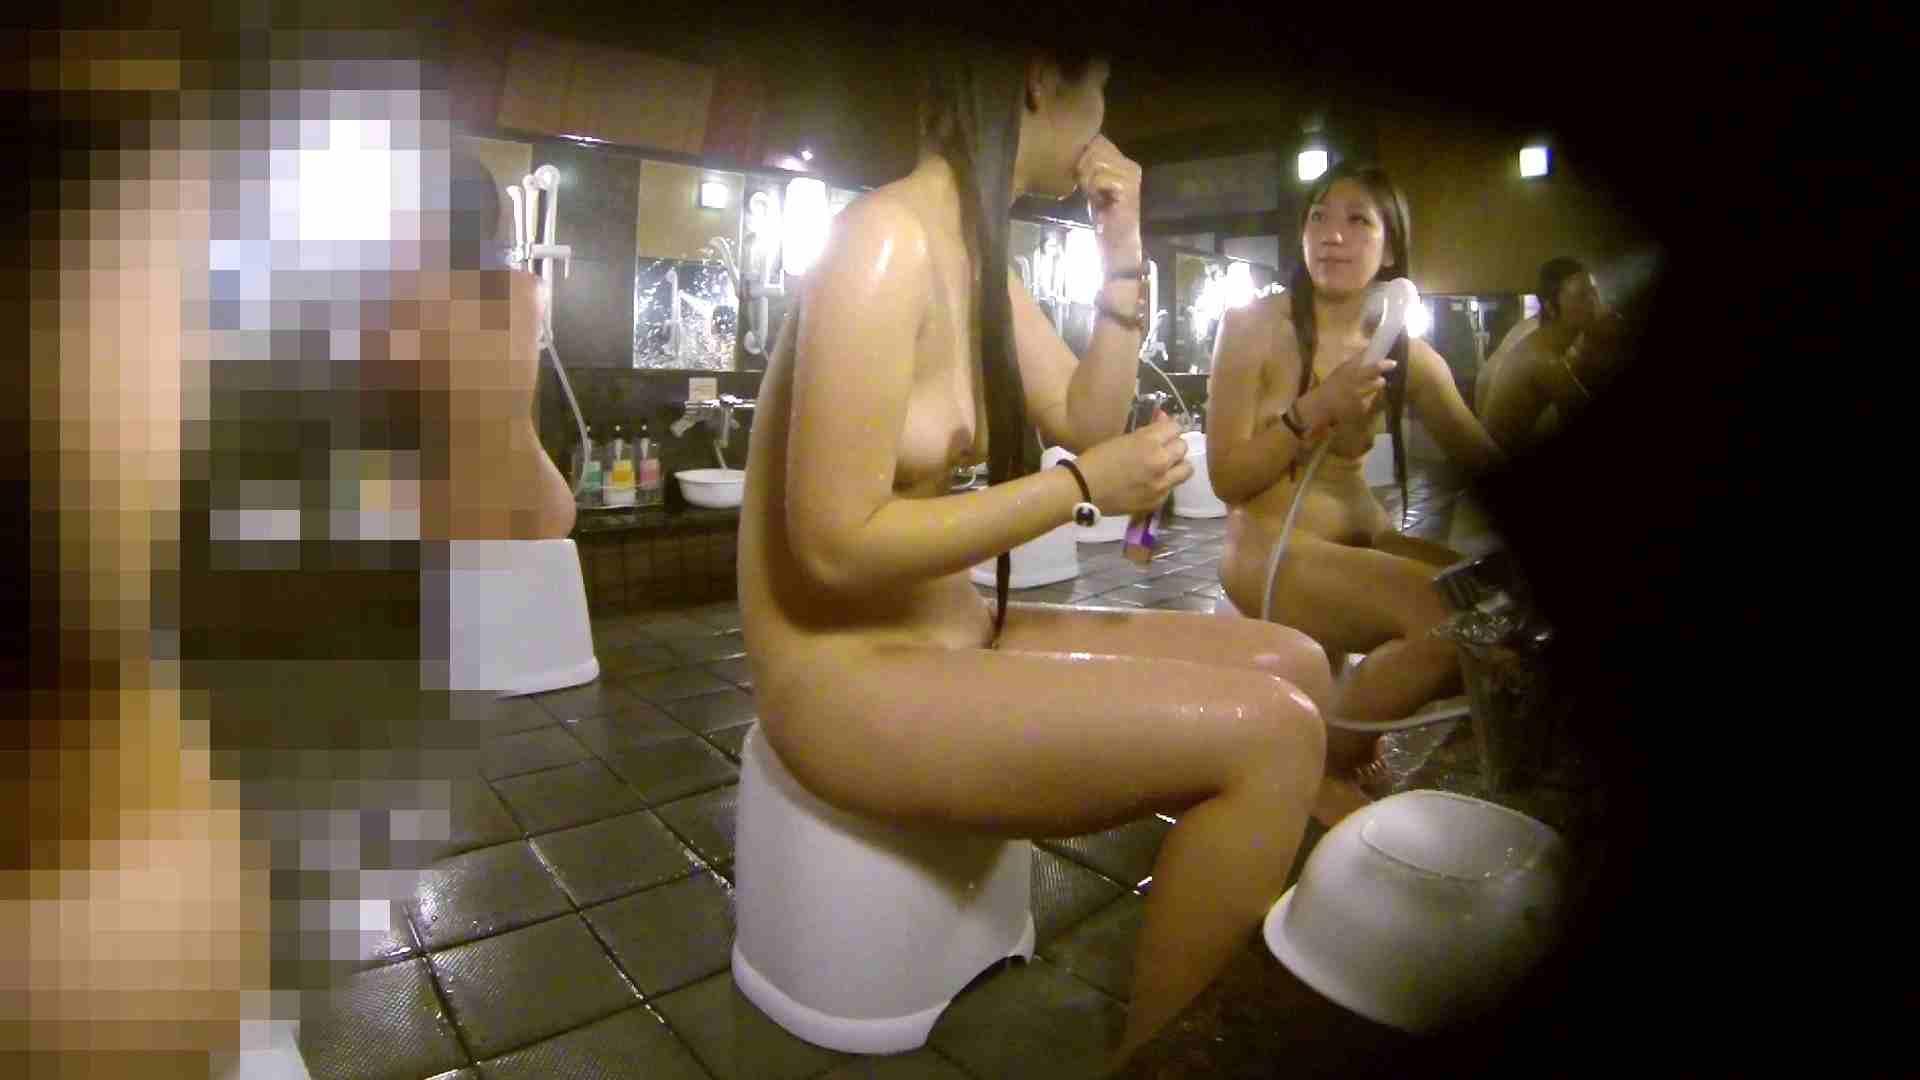 洗い場!ムッチリギャル2人組!ご飯だけでも一緒に行きたい 細身体型 AV動画キャプチャ 76枚 28